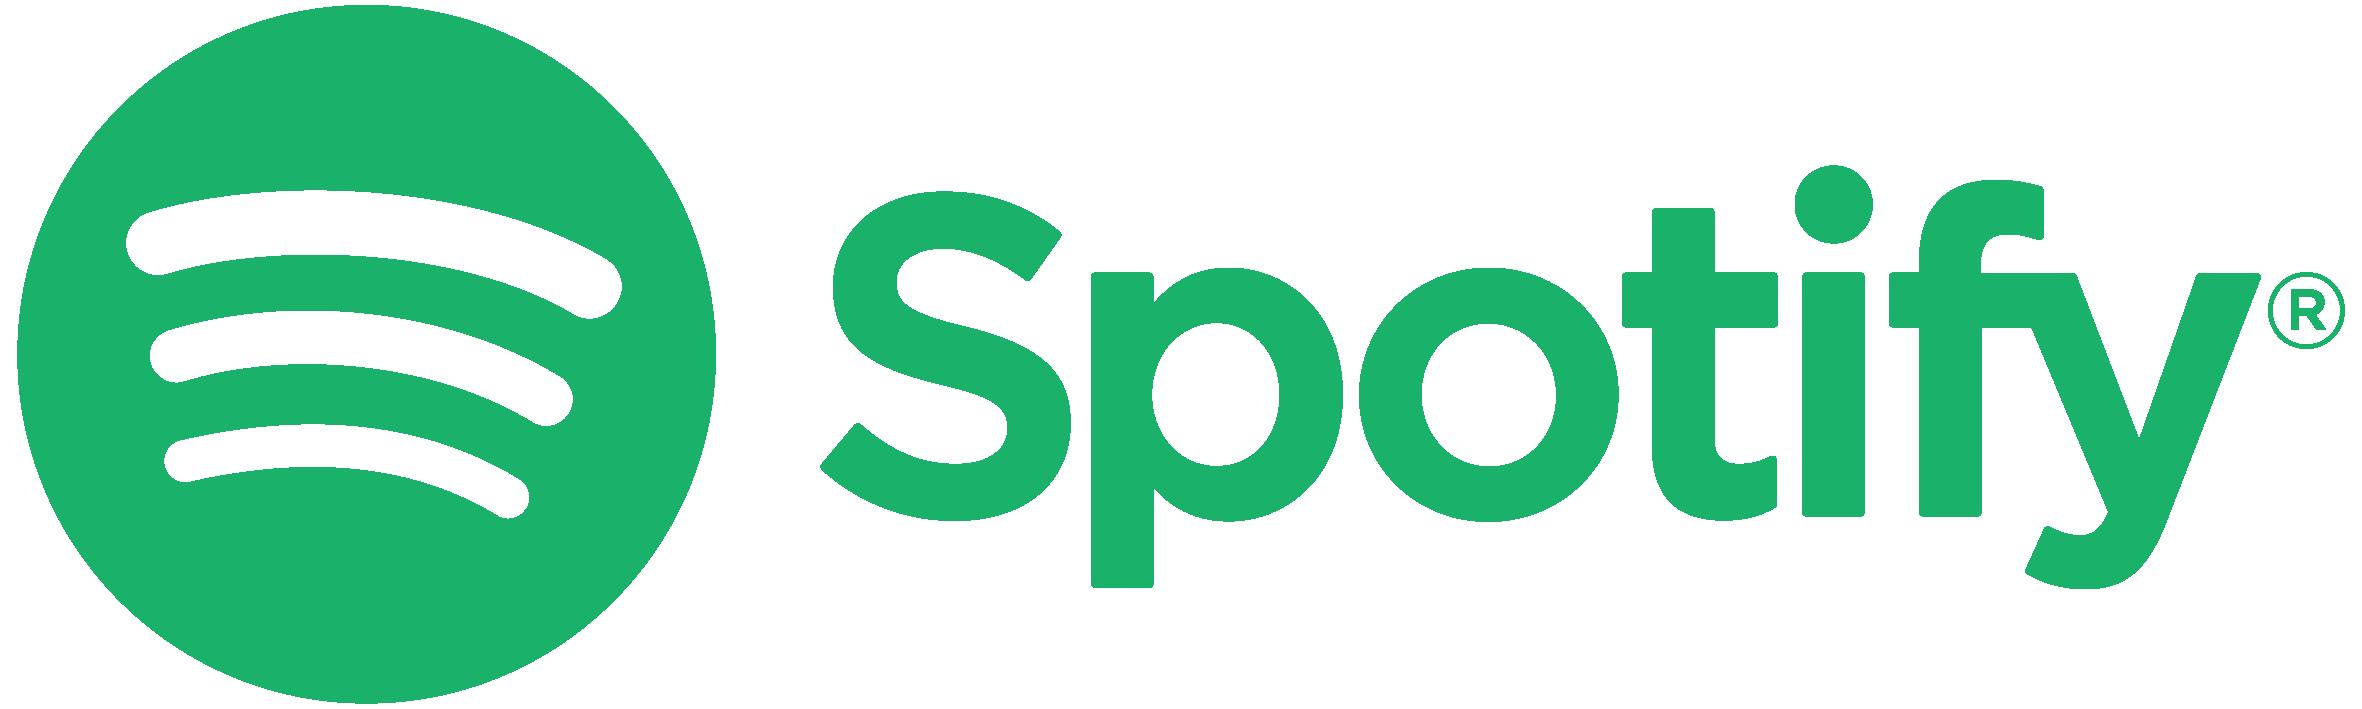 海外で話題の無料音楽ストリーミングサービス『Spotify』が2016年9月日本上陸!おすすめの理由とは!